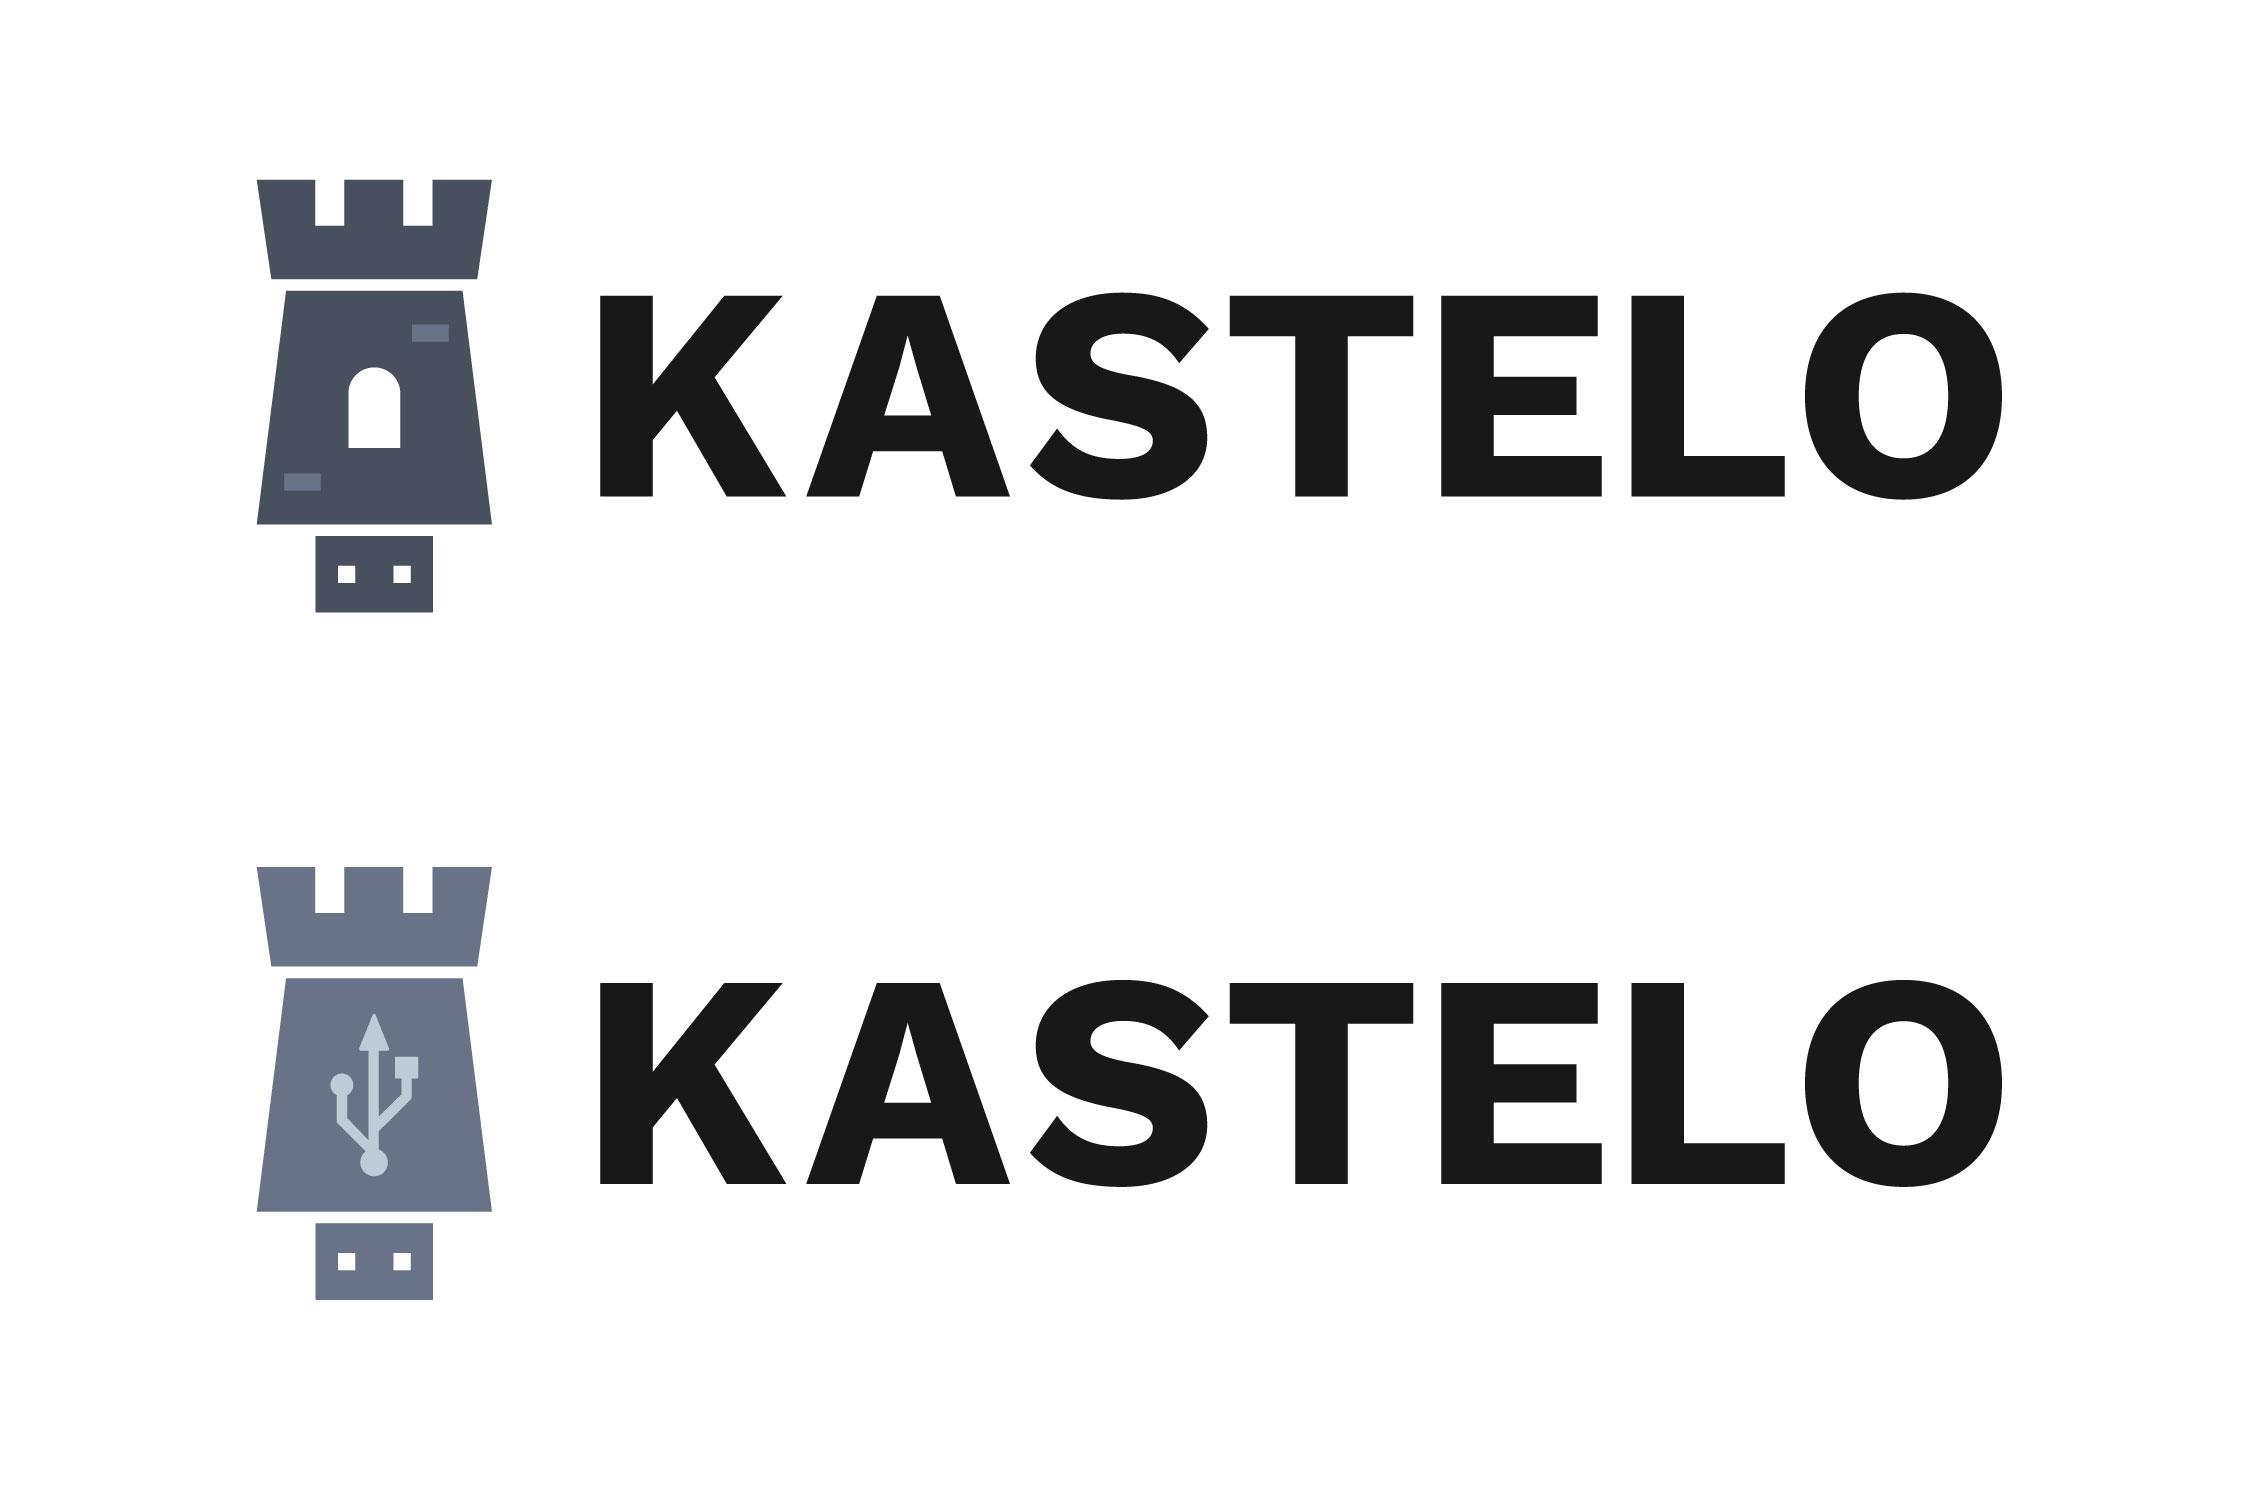 Kastelo logo